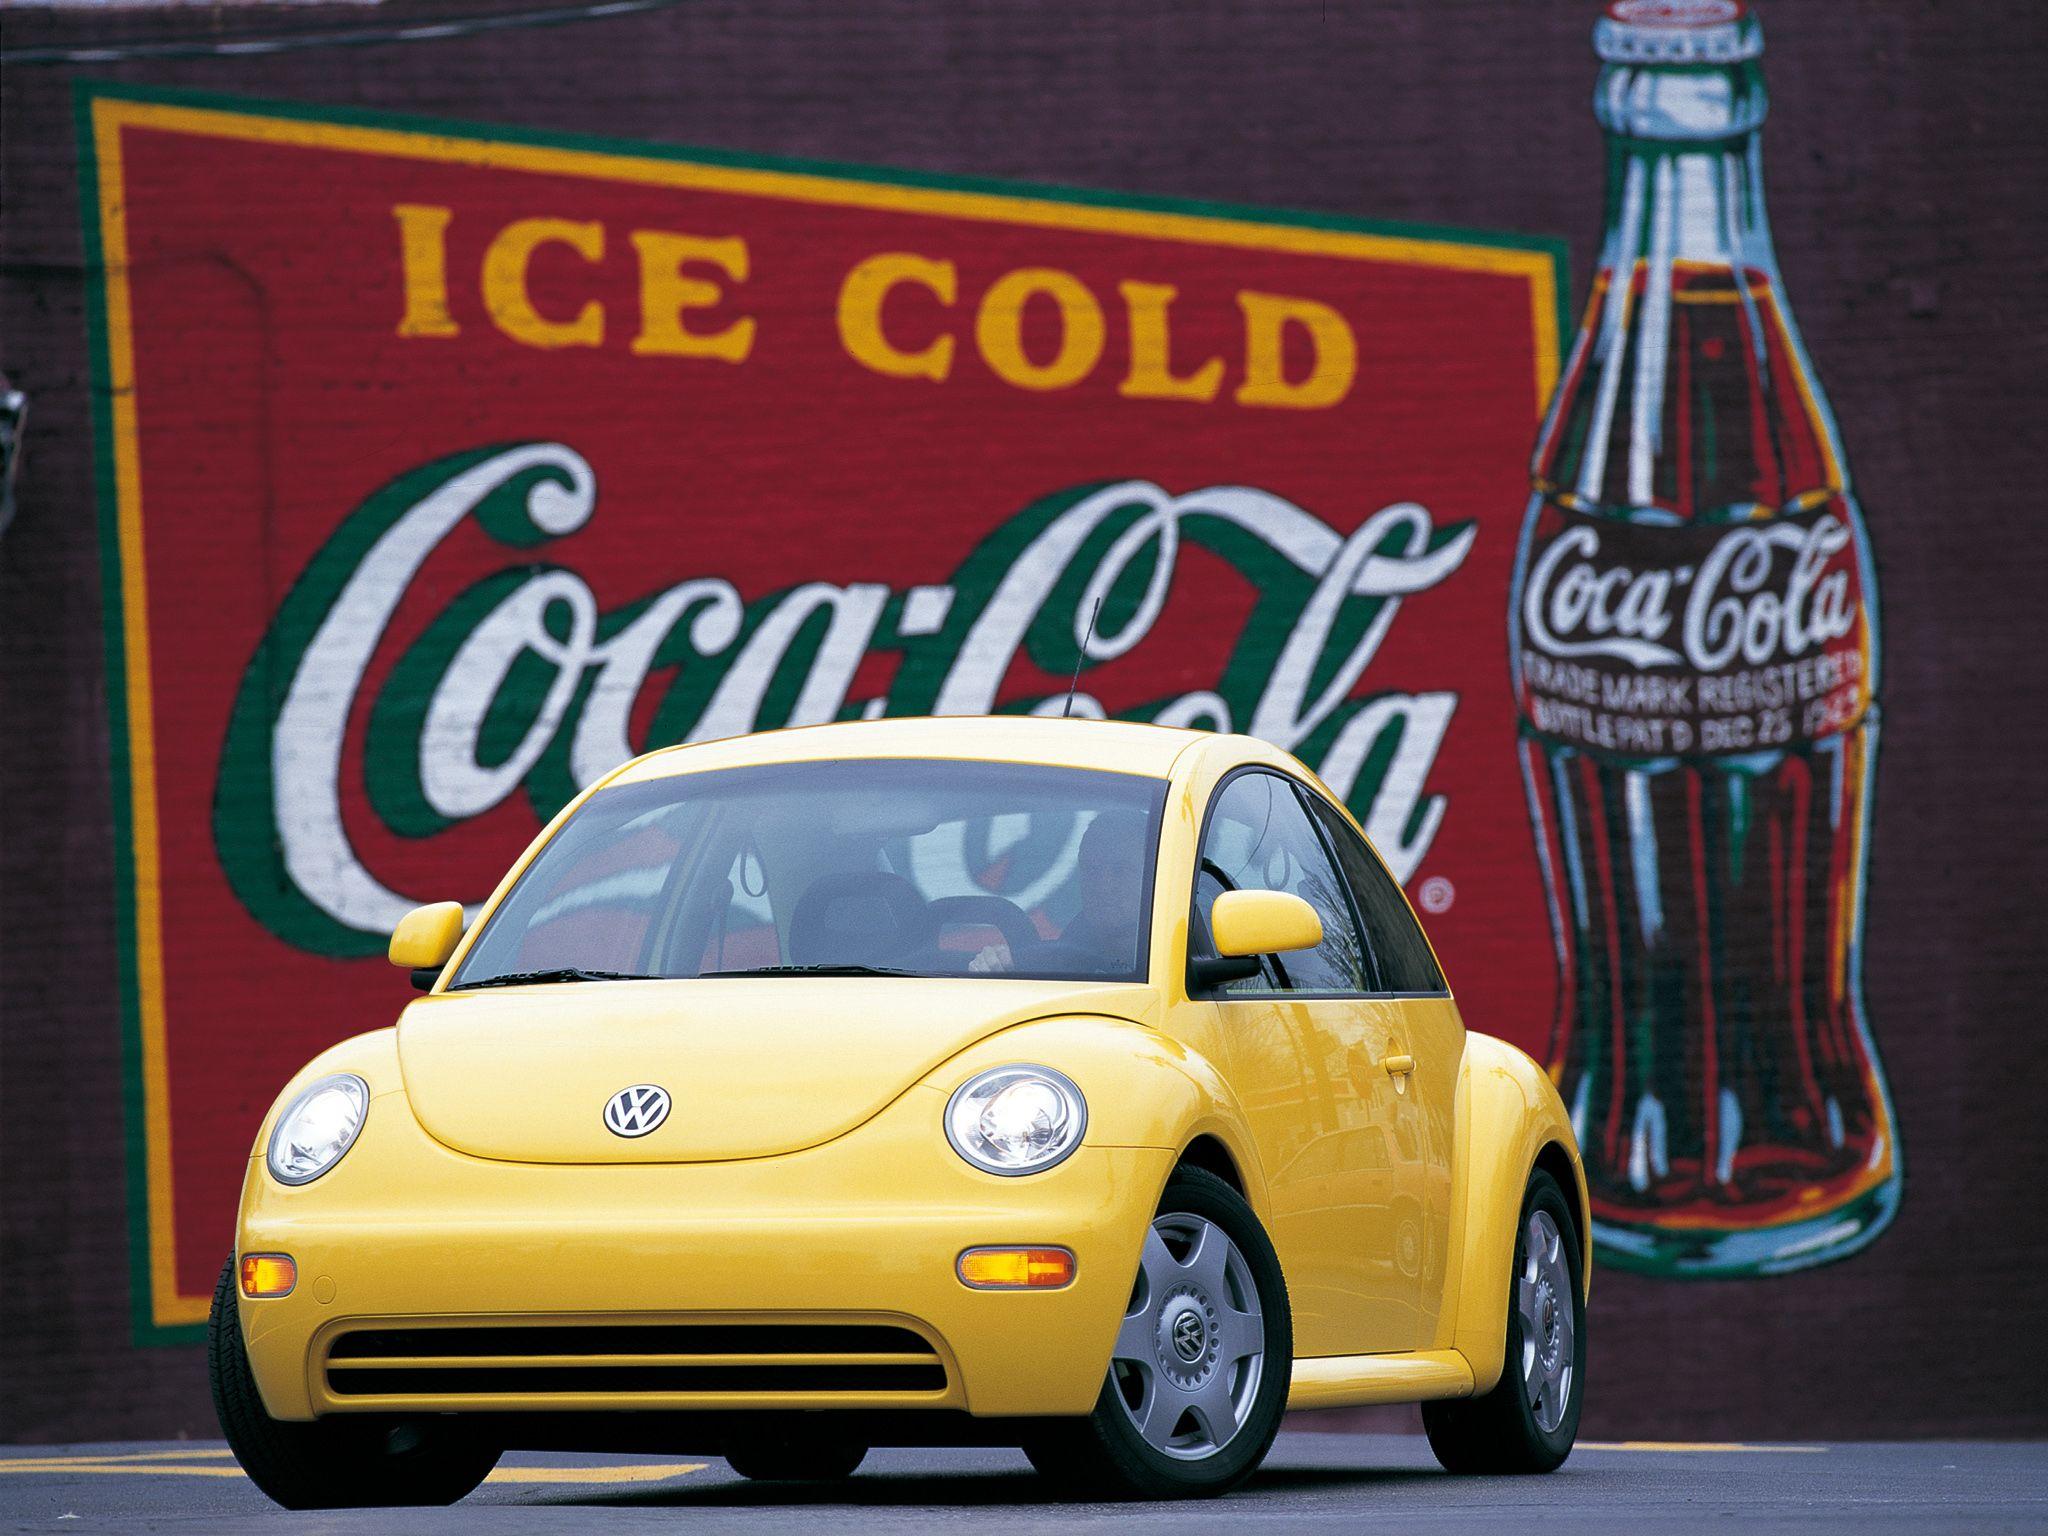 Volkswagen New Beetle Us Spec 1998 2005 Volkswagen New Beetle New Beetle Vw New Beetle Coca cola bottle top car images vw